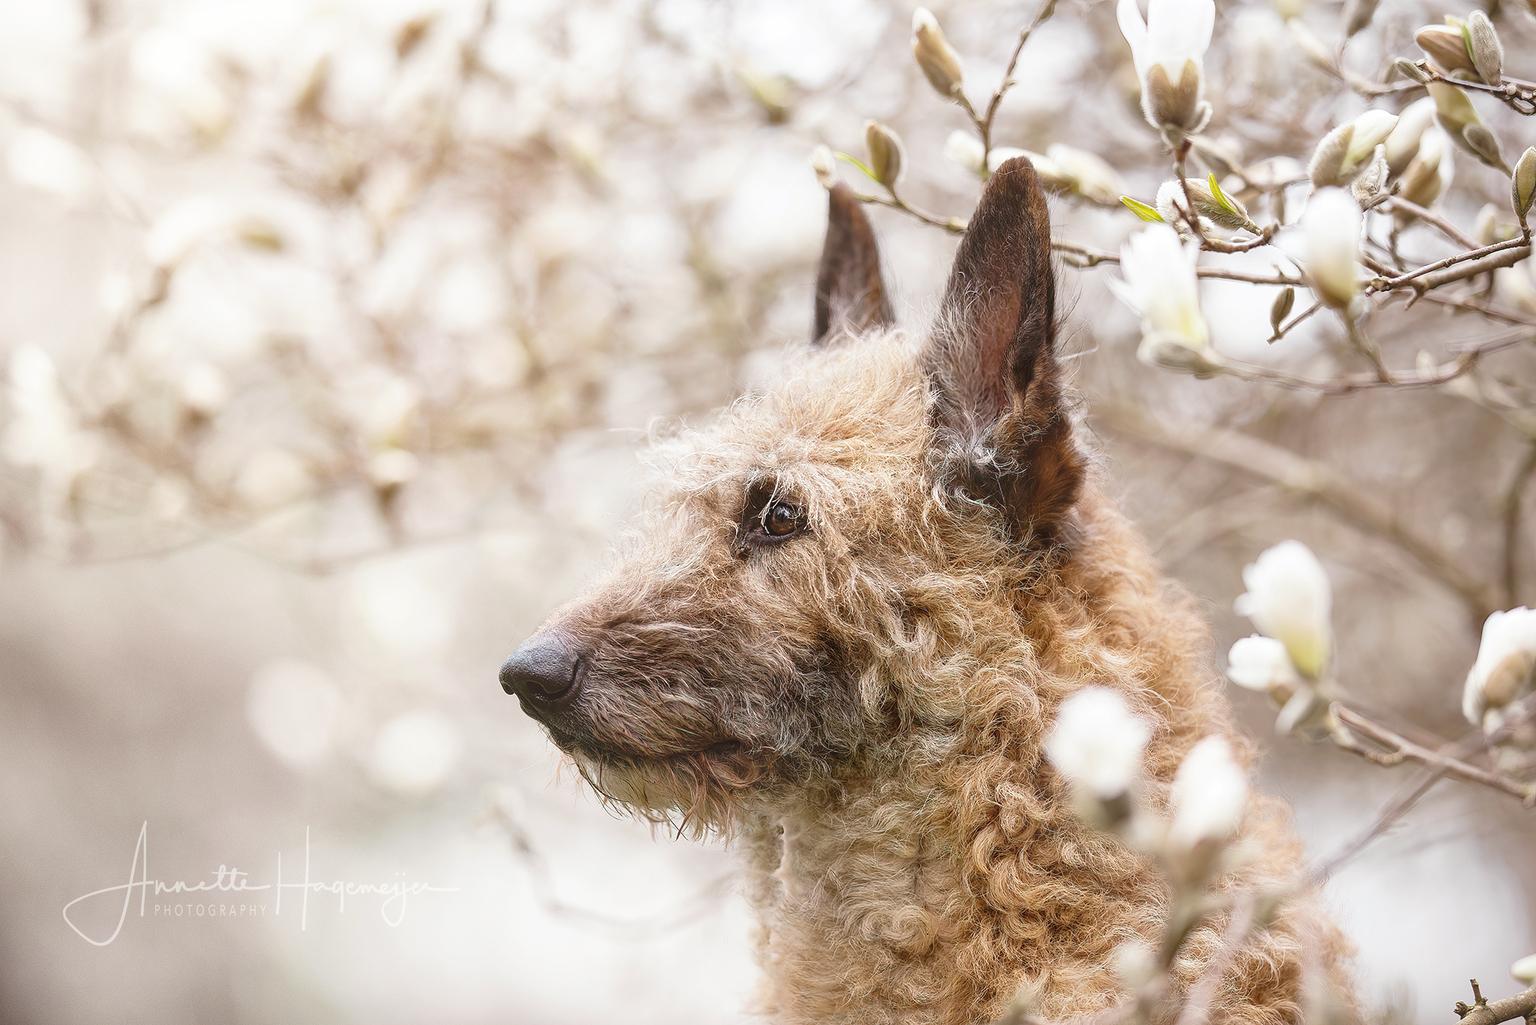 Sterre in de bloesem - Laekense herder Sterre poseert tussen de magnoliabloesems - foto door AnnetteHagemeijer op 13-04-2021 - deze foto bevat: laekense herder, hond, huisdier, bloesem, magnolia, lente, buiten, portret, hond, carnivoor, hondenras, takje, fawn, sneeuw, snuit, bakkebaarden, terrestrische dieren, fabriek